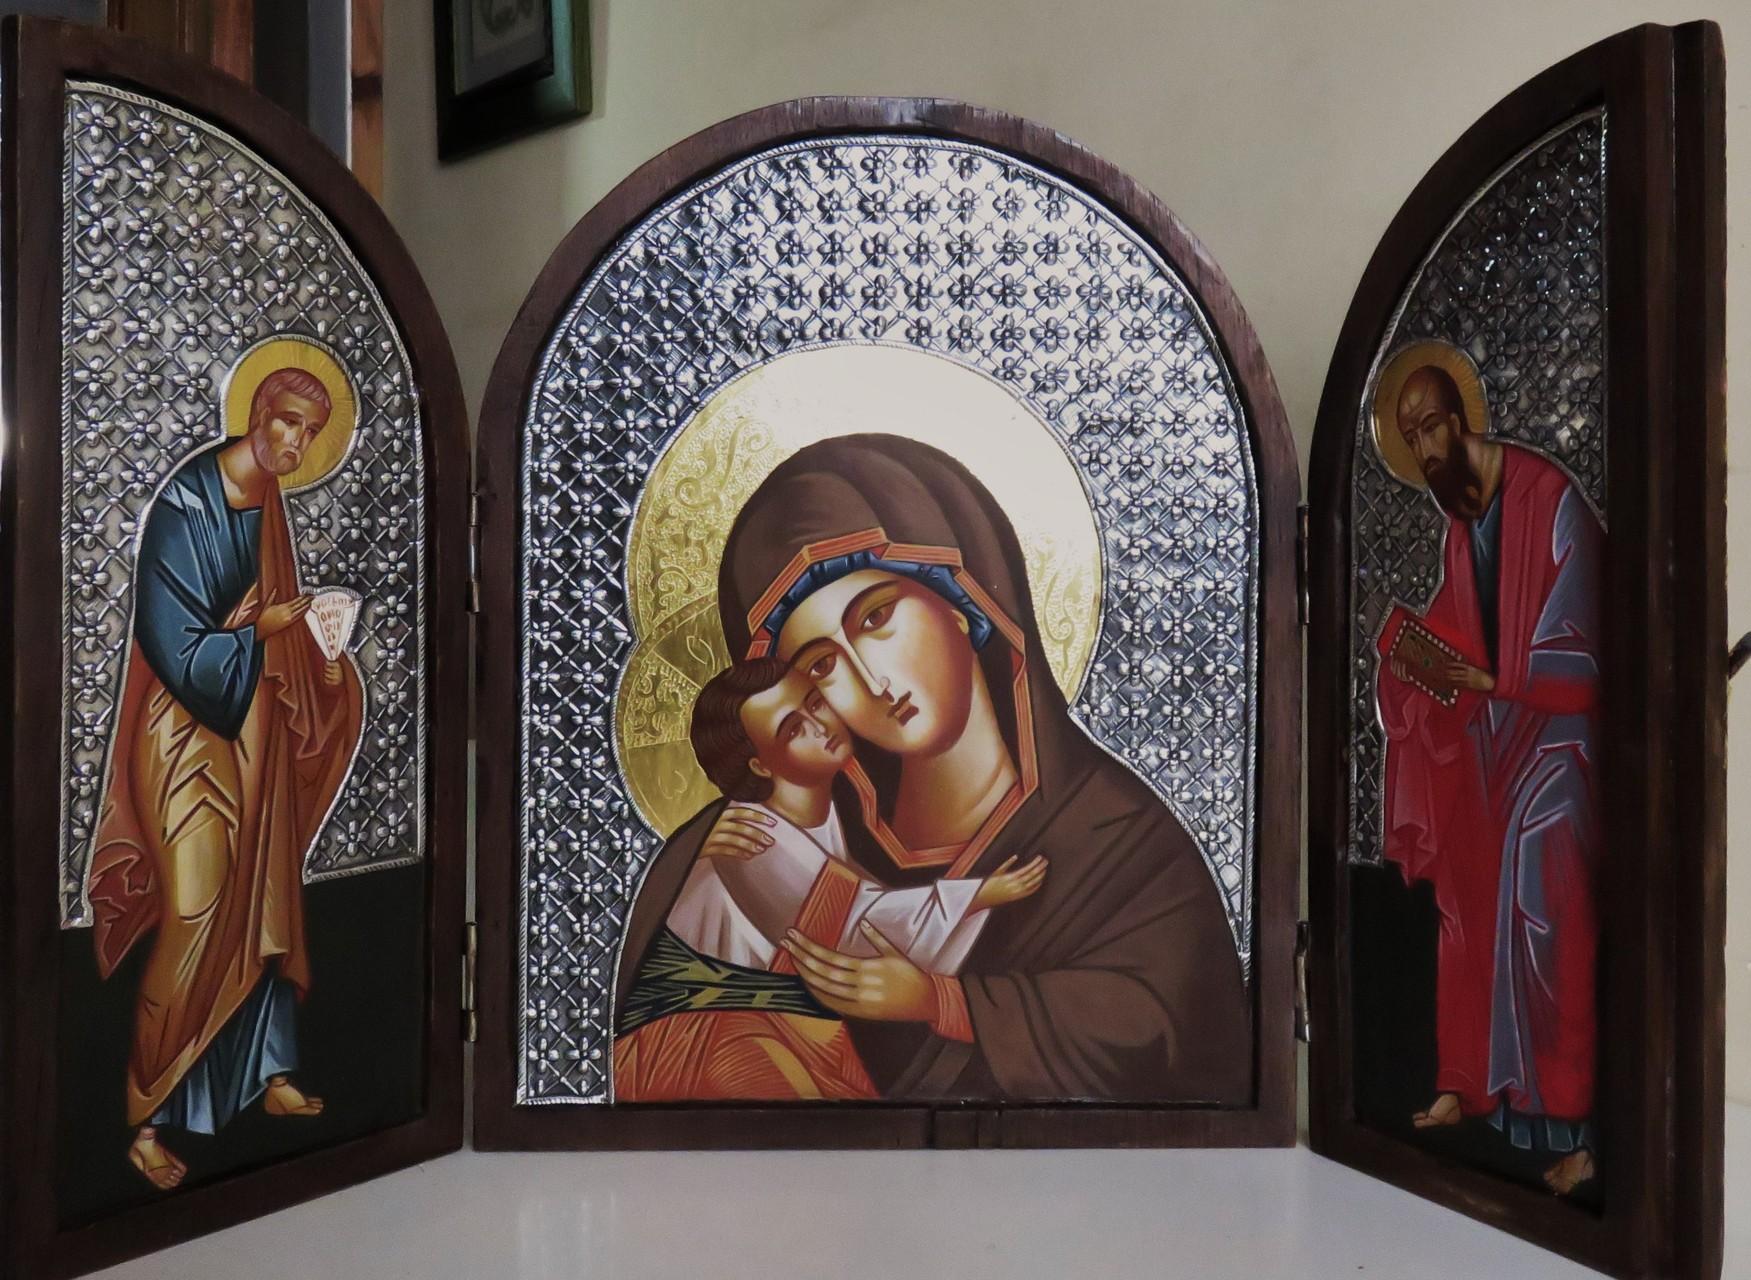 VIRGEN DE LA TERNURA CON APOSTOLES  35 X 27  CERRADO  700 €